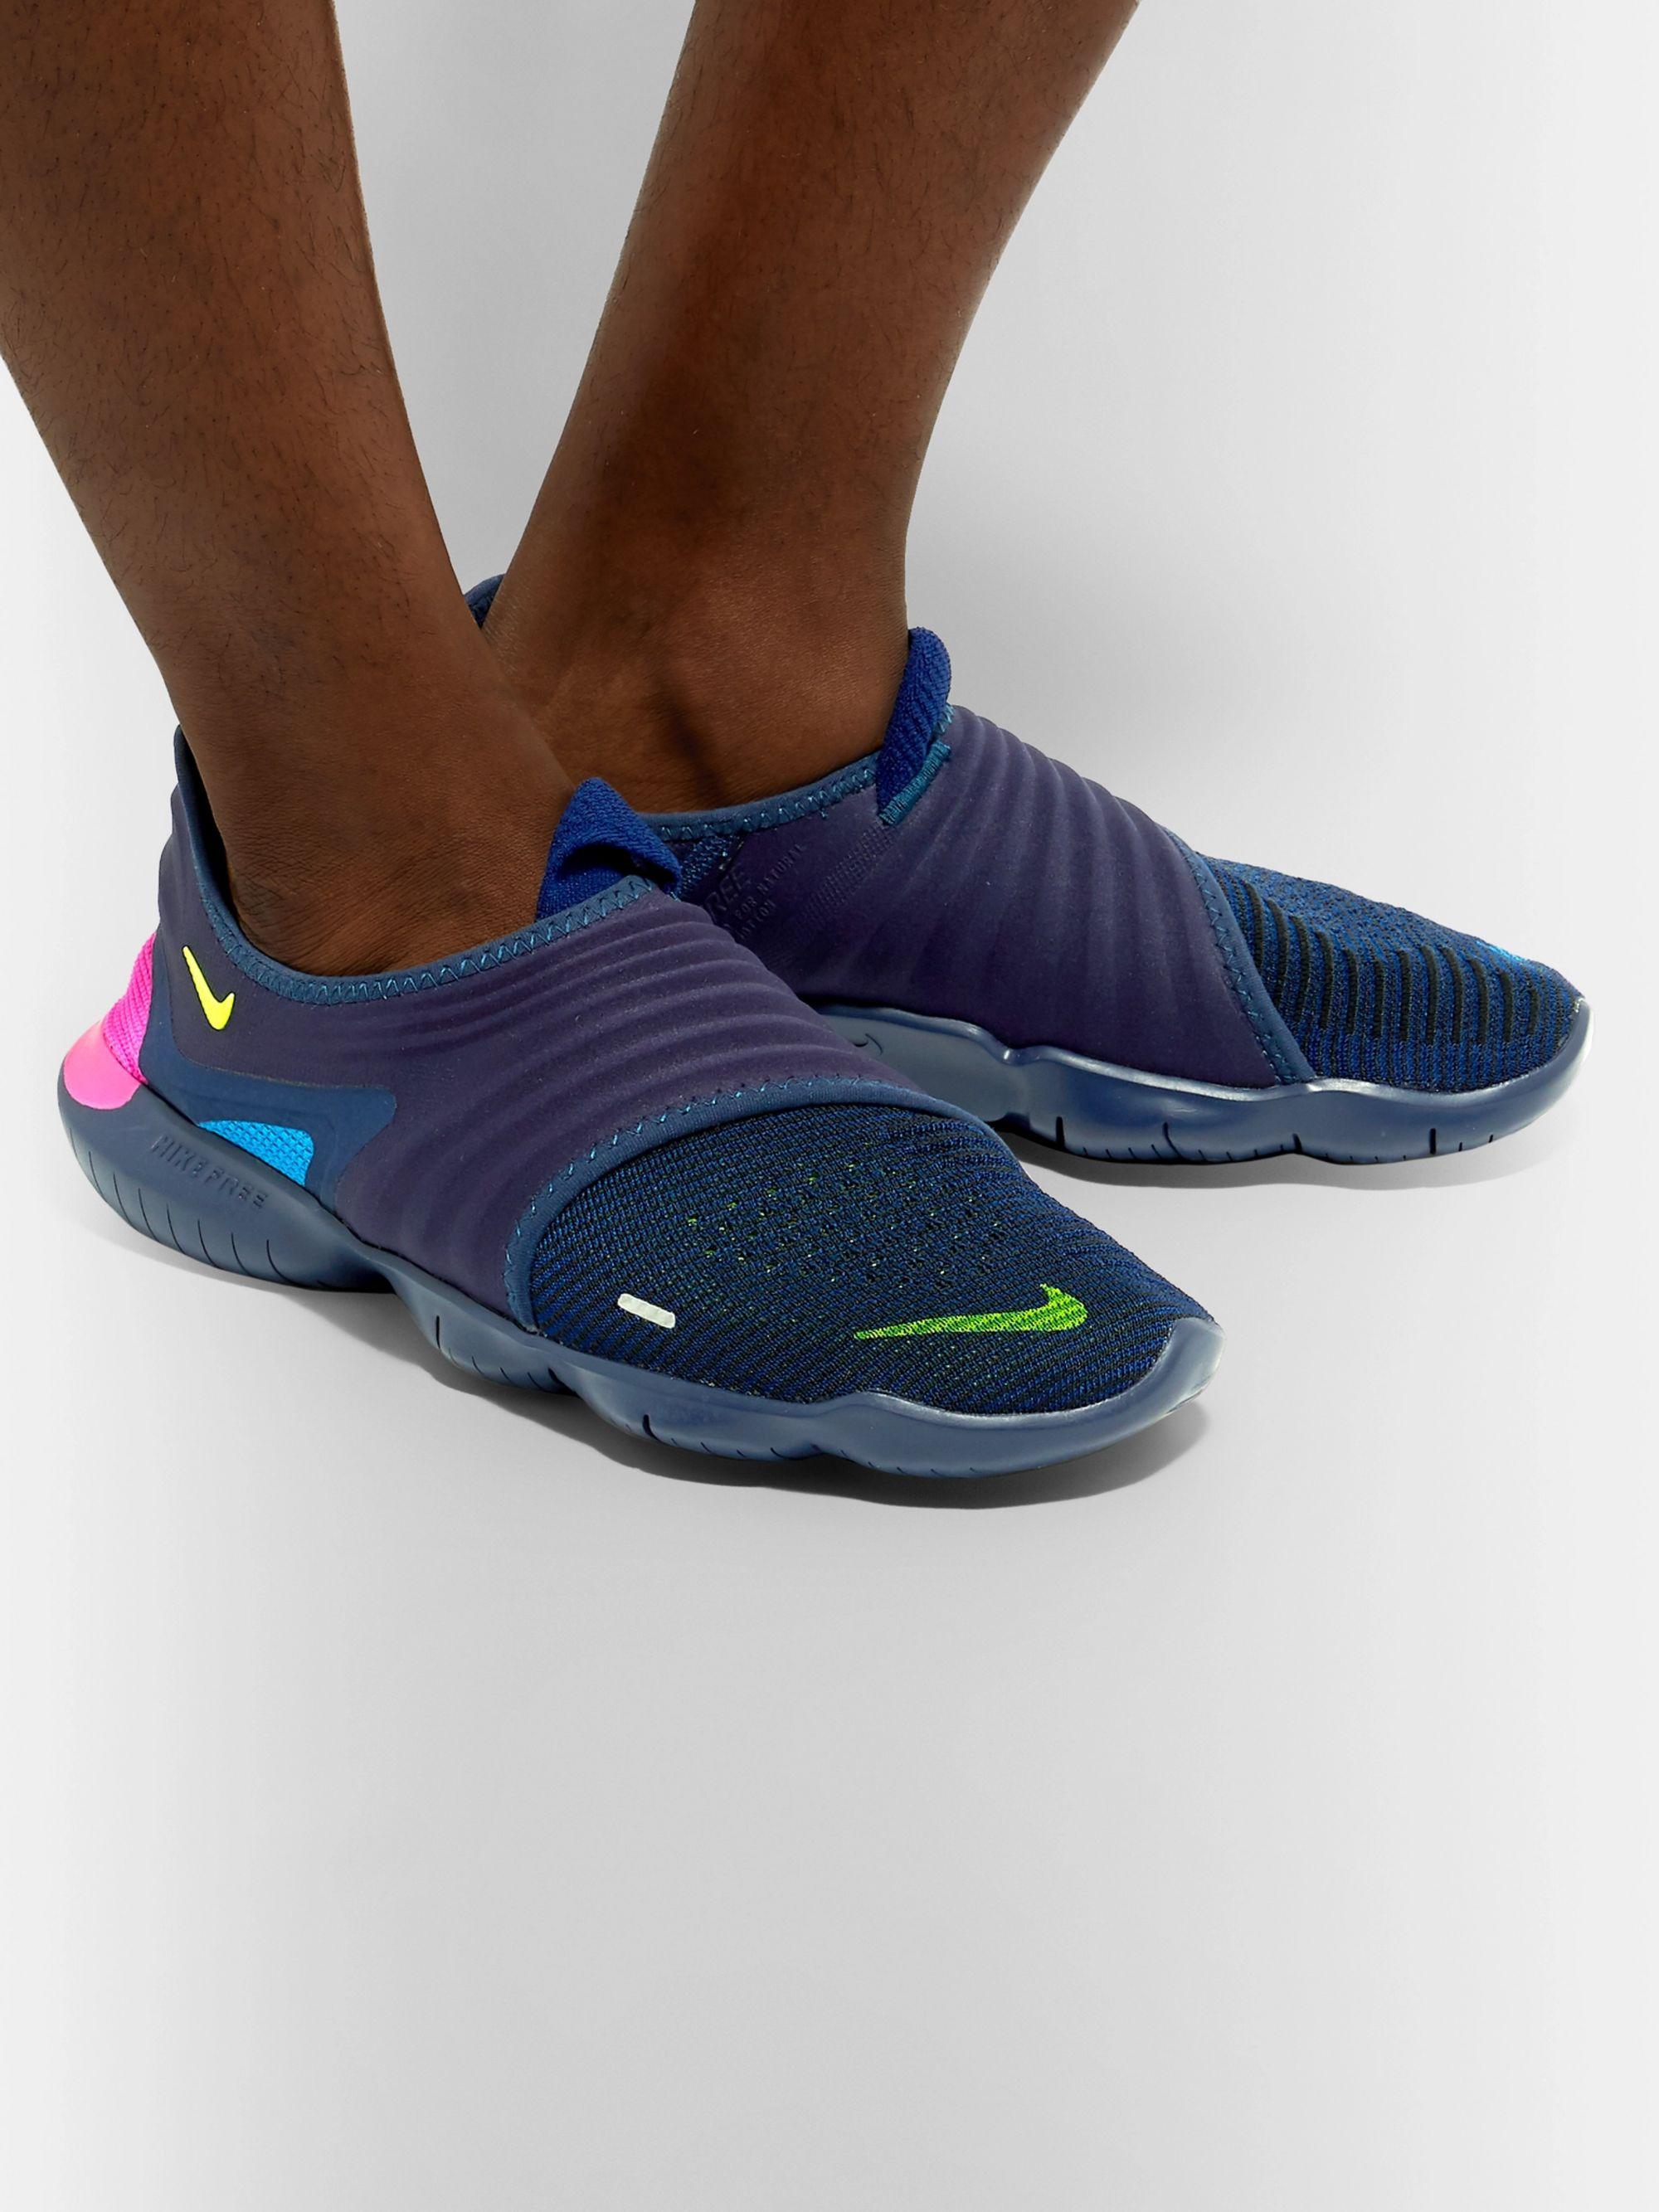 Free RN 3.0 Flynit and Neoprene Slip On Sneakers